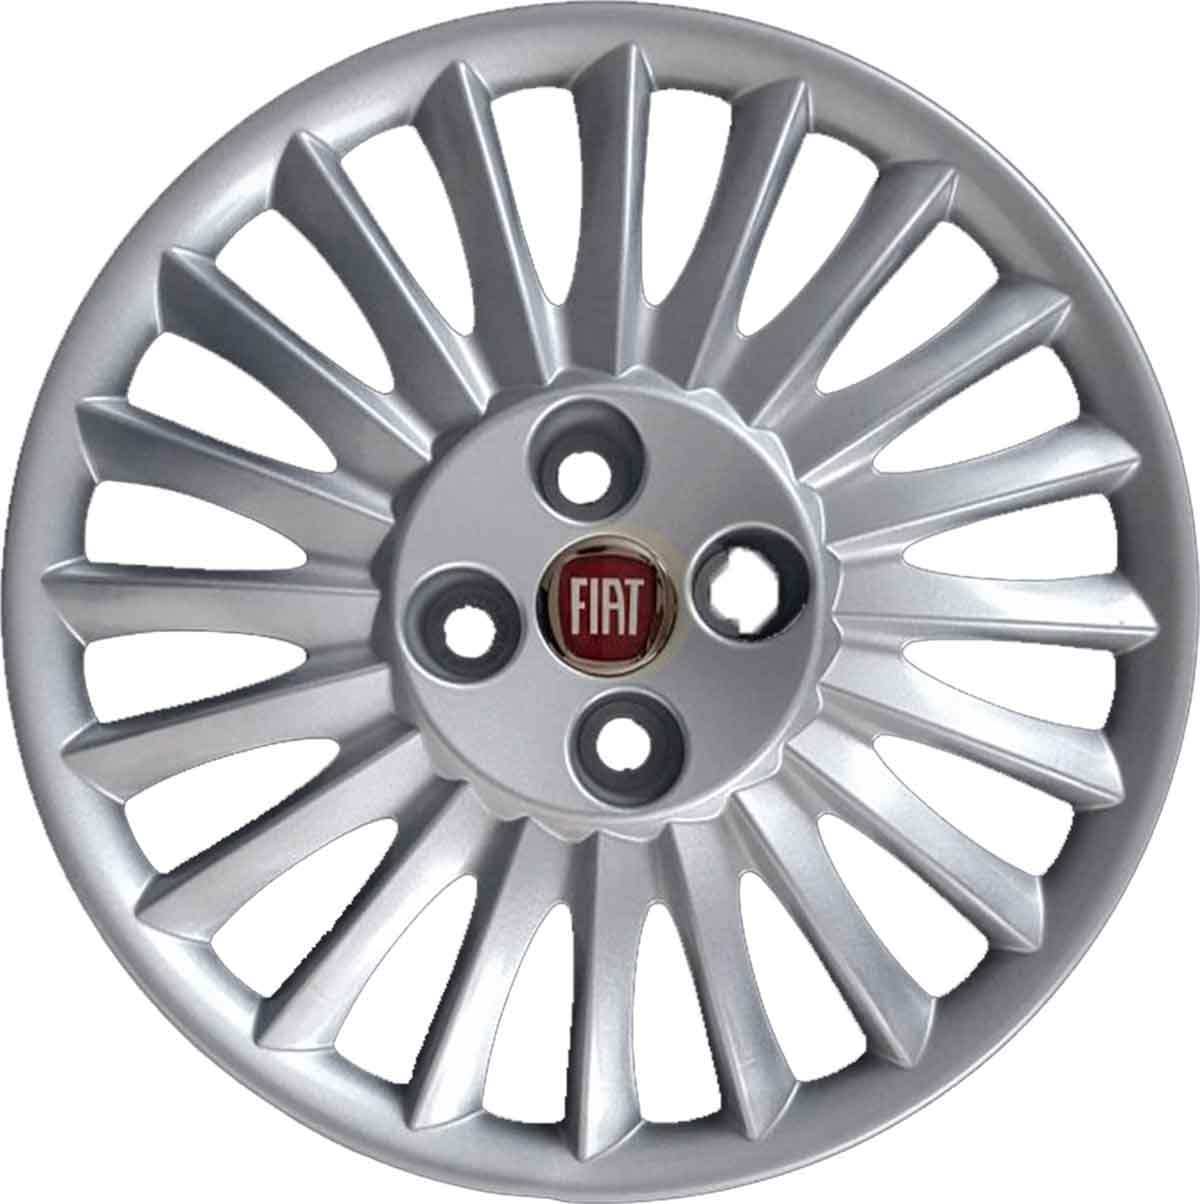 Juego de 4 tapacubos para llanta de 15, para Fiat Grande Punto a partir del año 2005, logotipo rojo, no originales: Amazon.es: Coche y moto